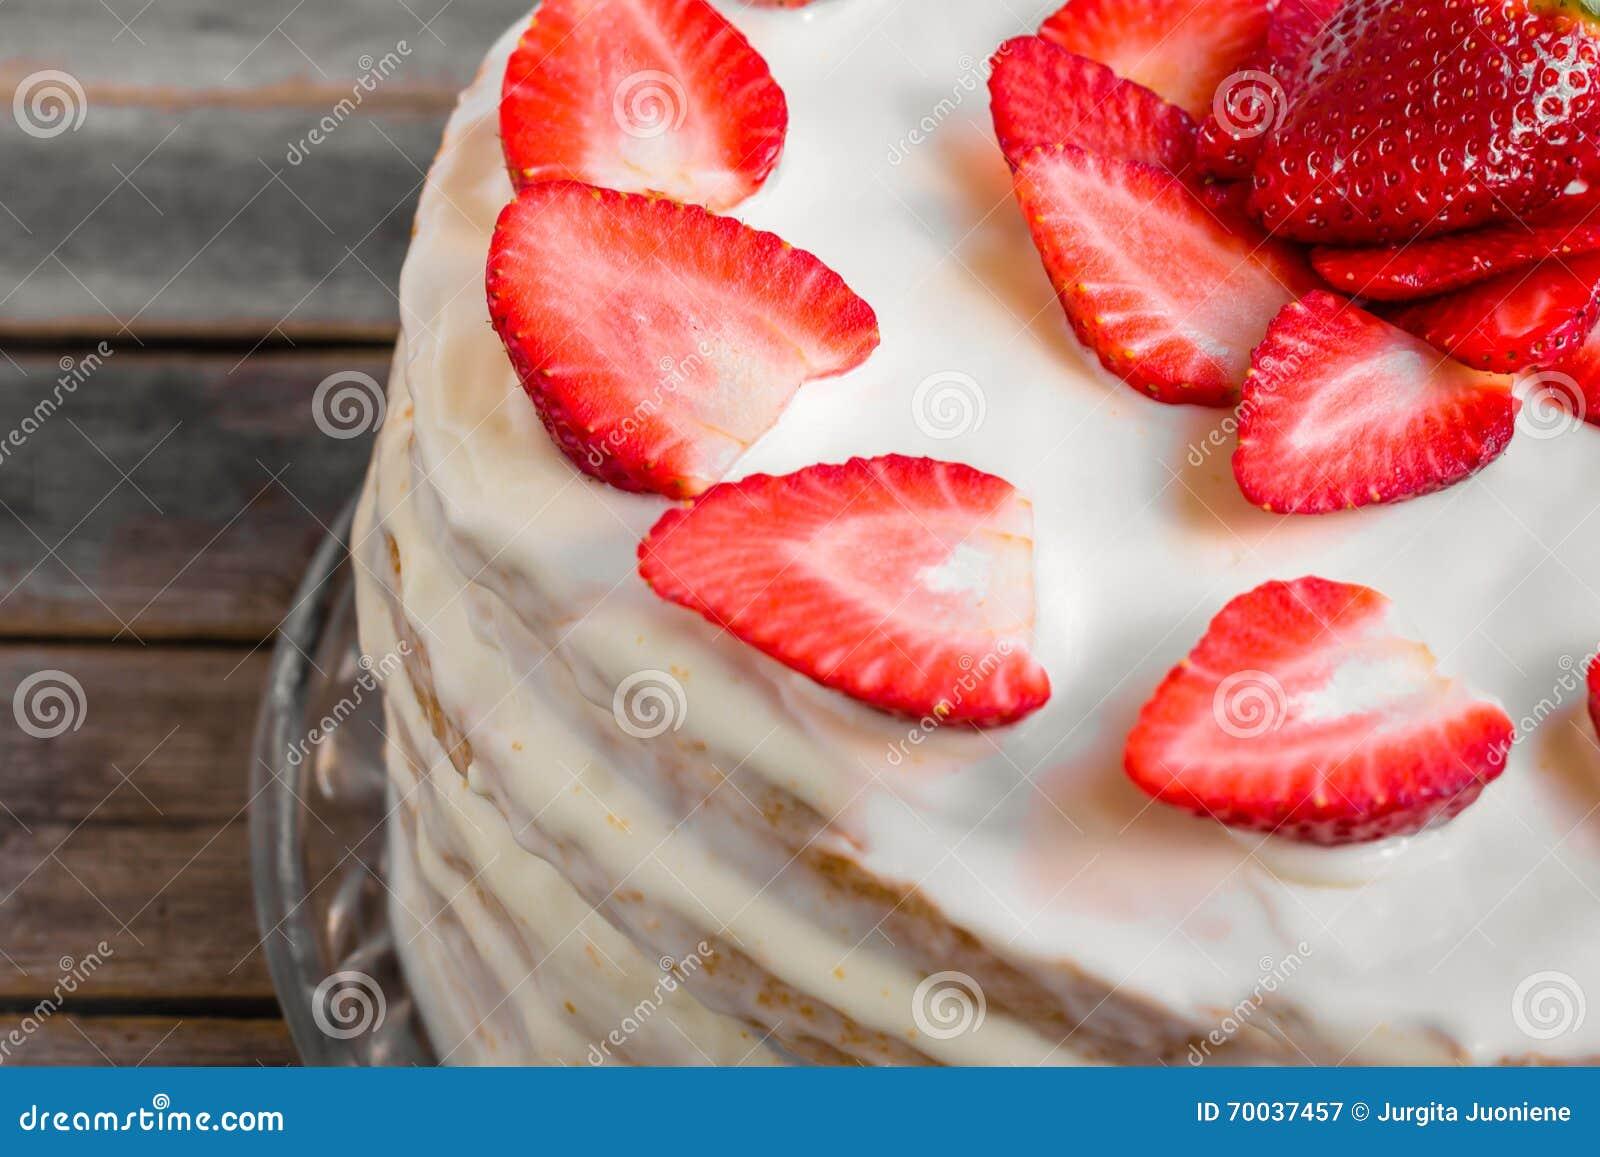 Weisser Kuchen Verziert Mit Den Erdbeeren Gesetzt Auf Einen Holztisch